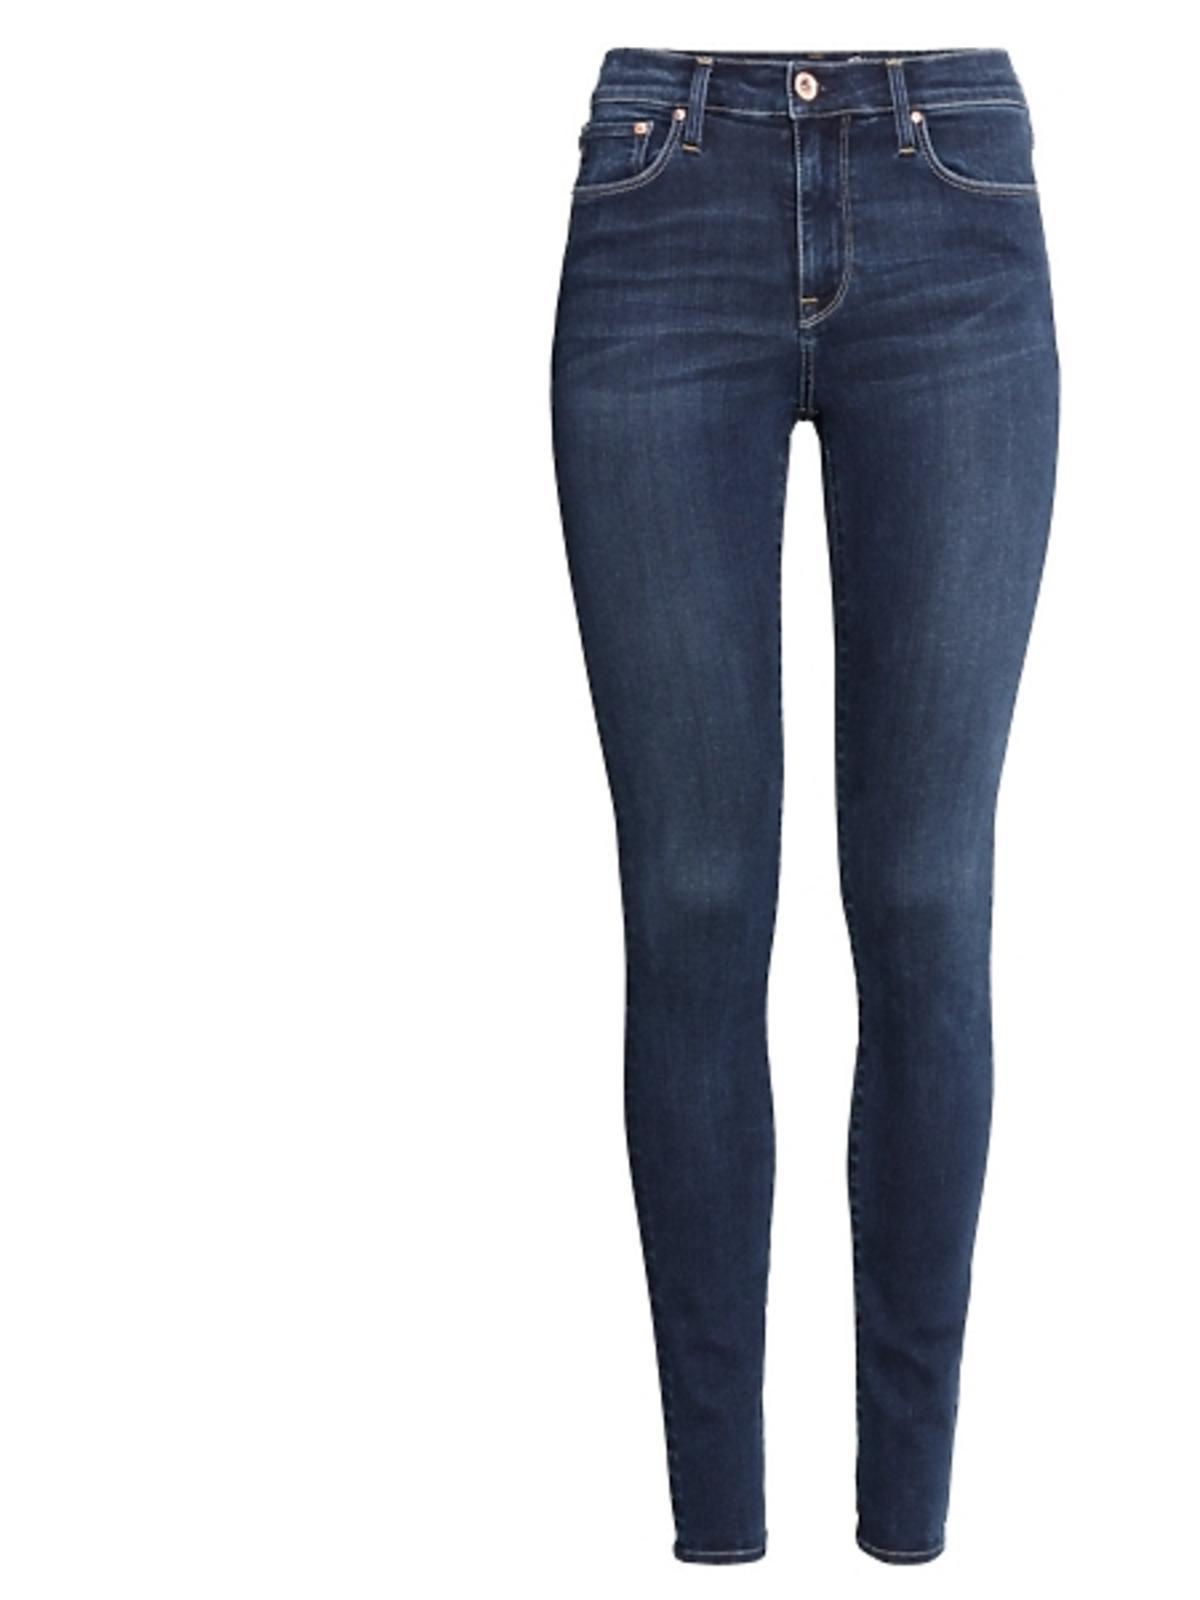 Spodnie dżinsowe H&M, cena